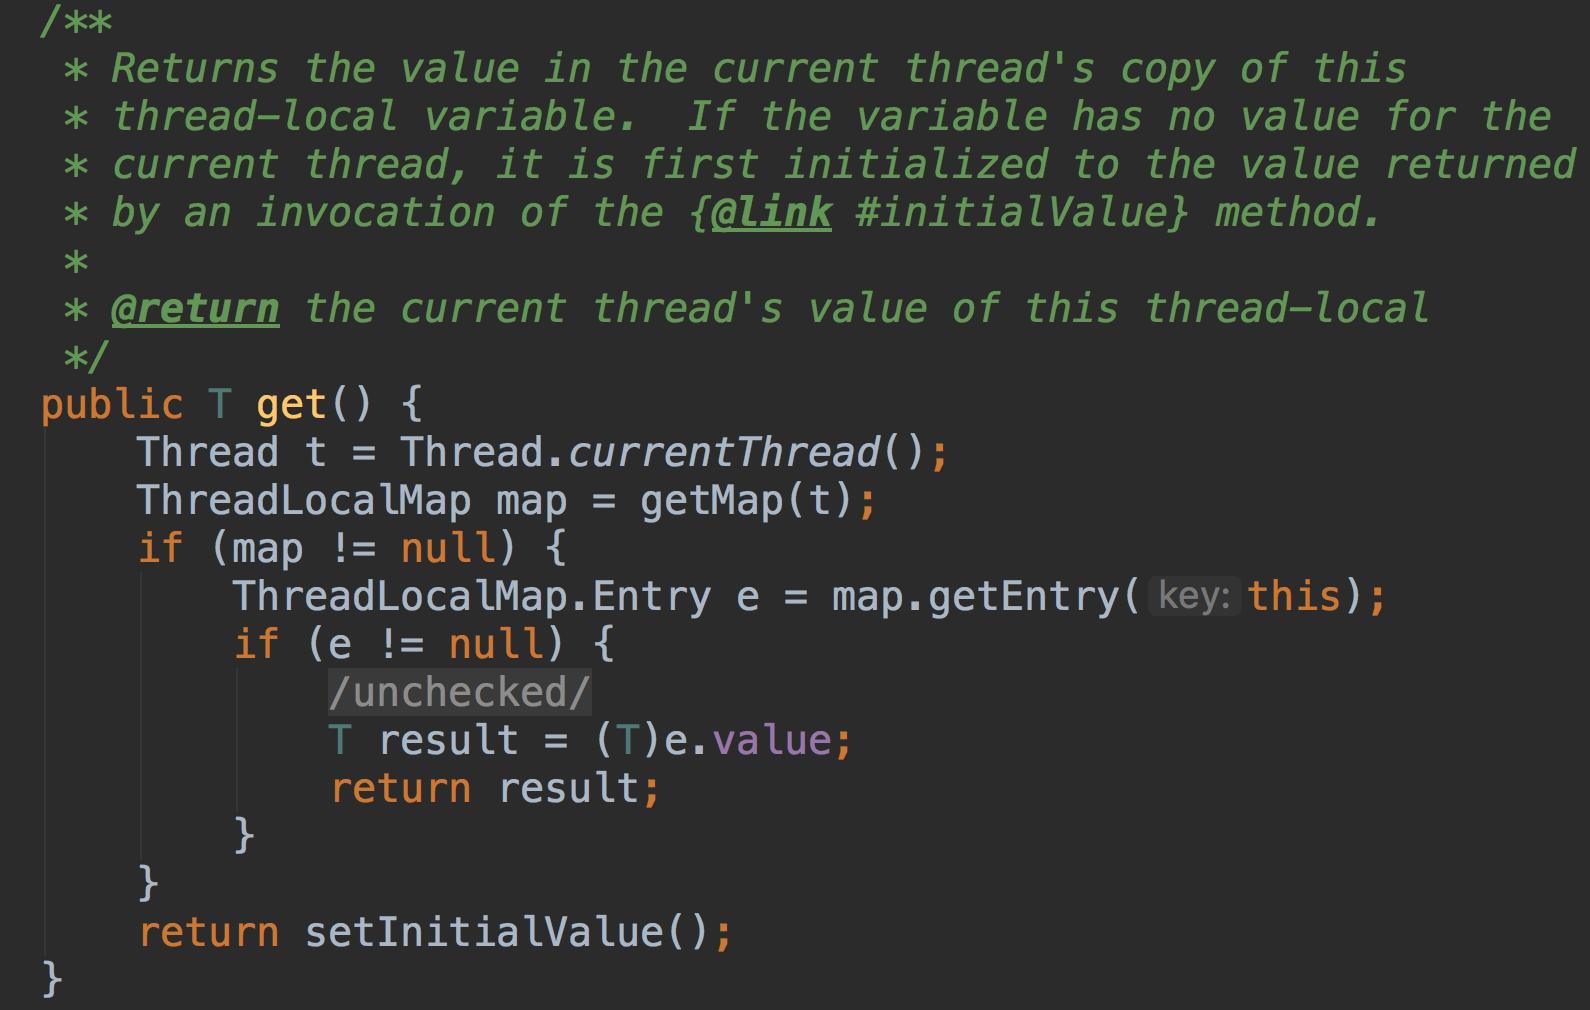 返回当前线程该线程局部变量副本中的值